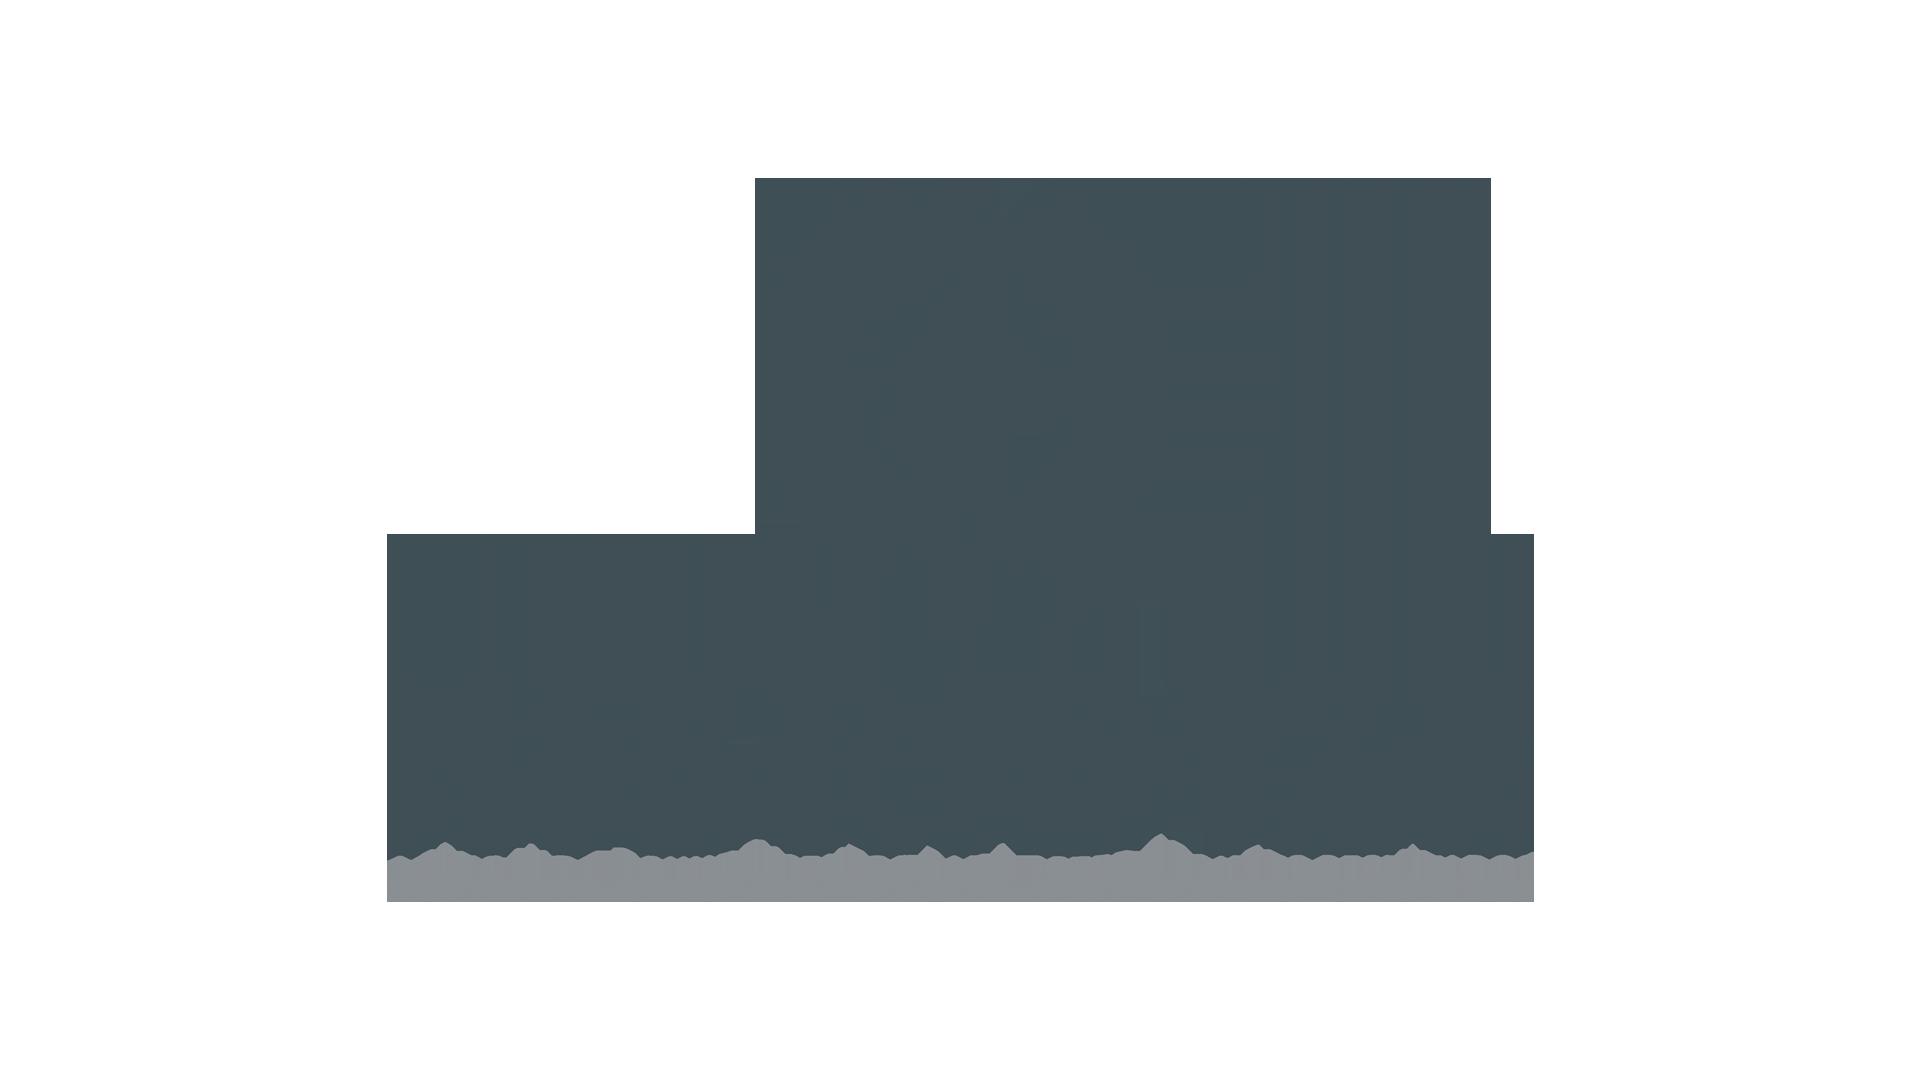 Hibridize_Positiva_transp